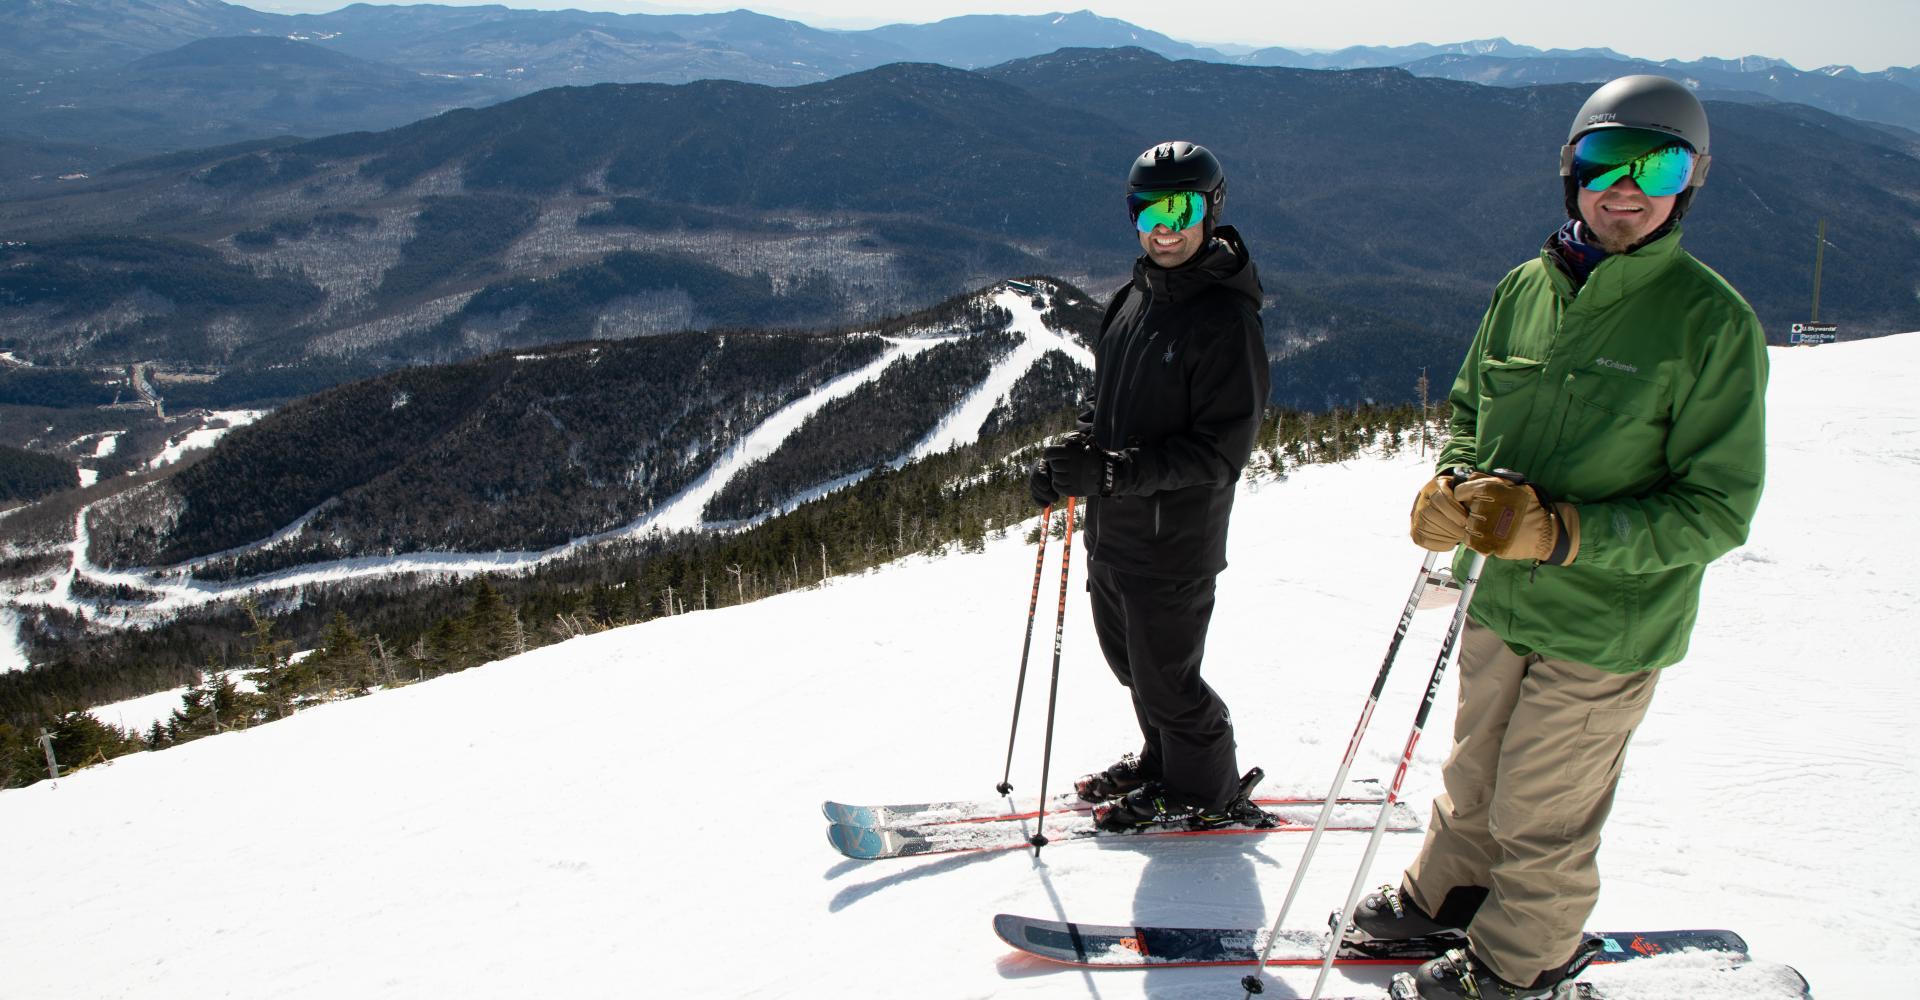 Погода в горах очень изменчива. Первая половина дня может быть ясной и теплой, а вторая – ветреной, со снегом и похолоданием на 5–10 °C